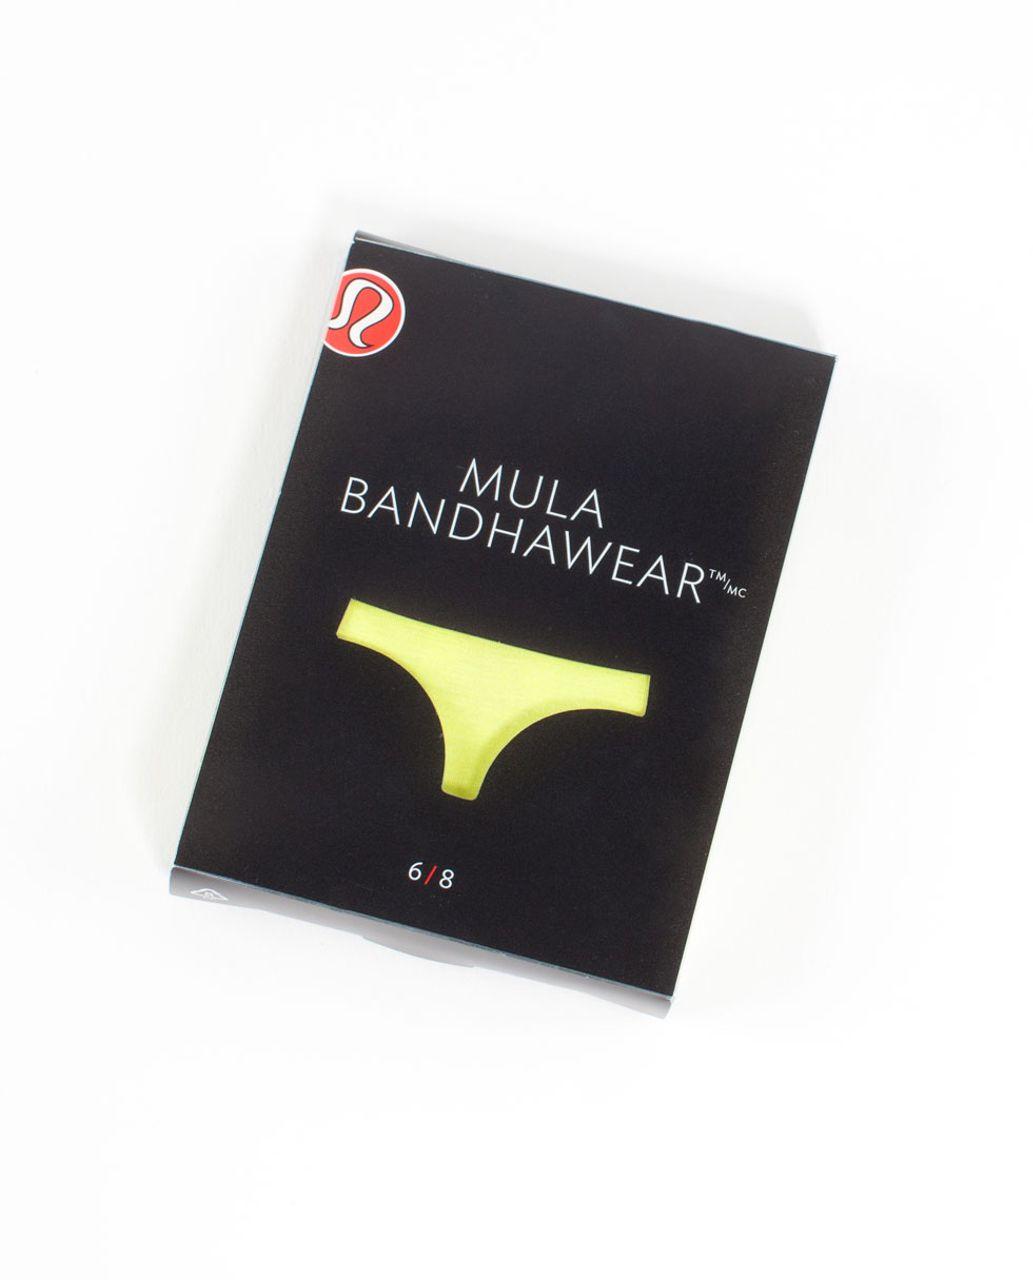 Lululemon Mula Bandhawear Thong - Split Pea